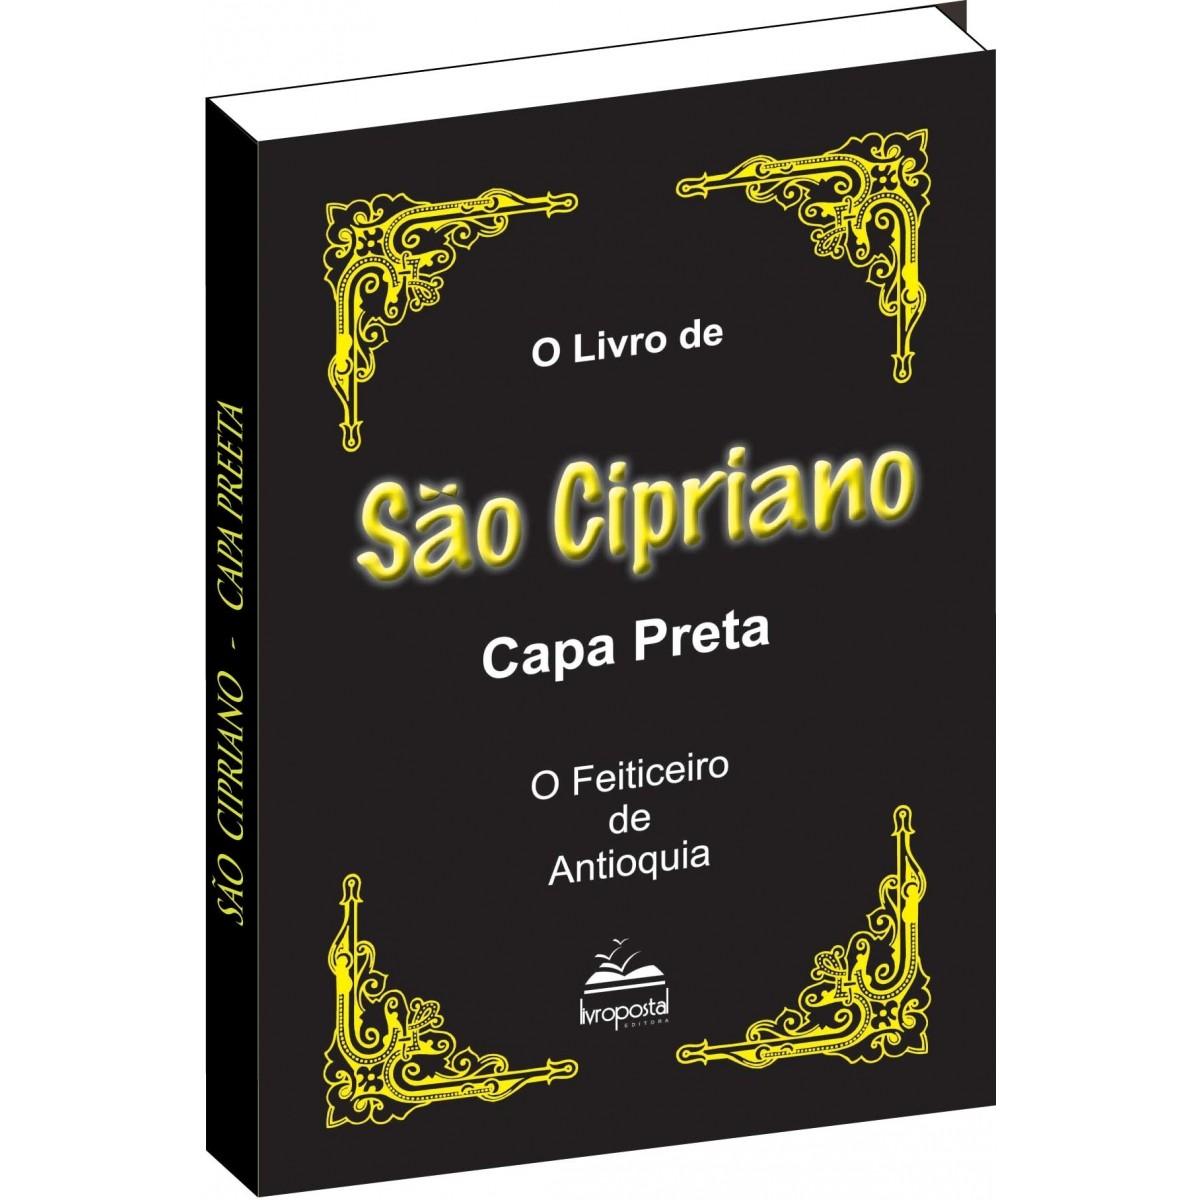 Ebook do Livro de São Cipriano  Capa Preta  - Livropostal Editora